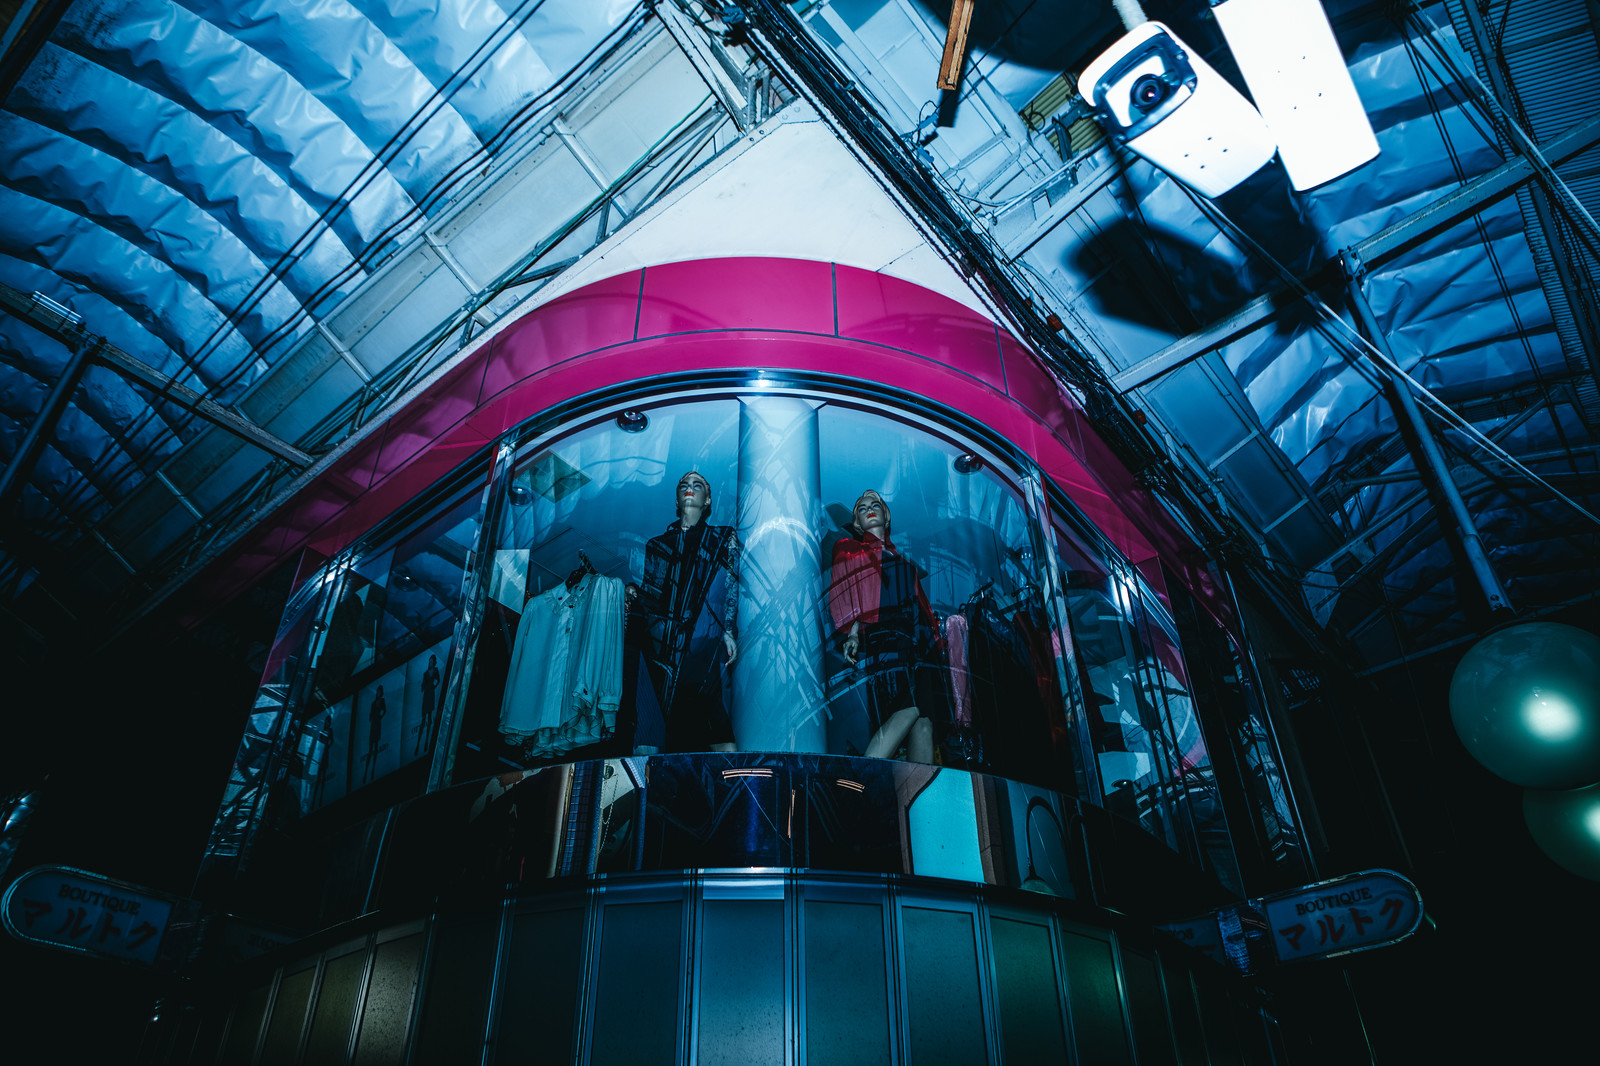 「深夜の商店街の監視カメラとアーケード」の写真